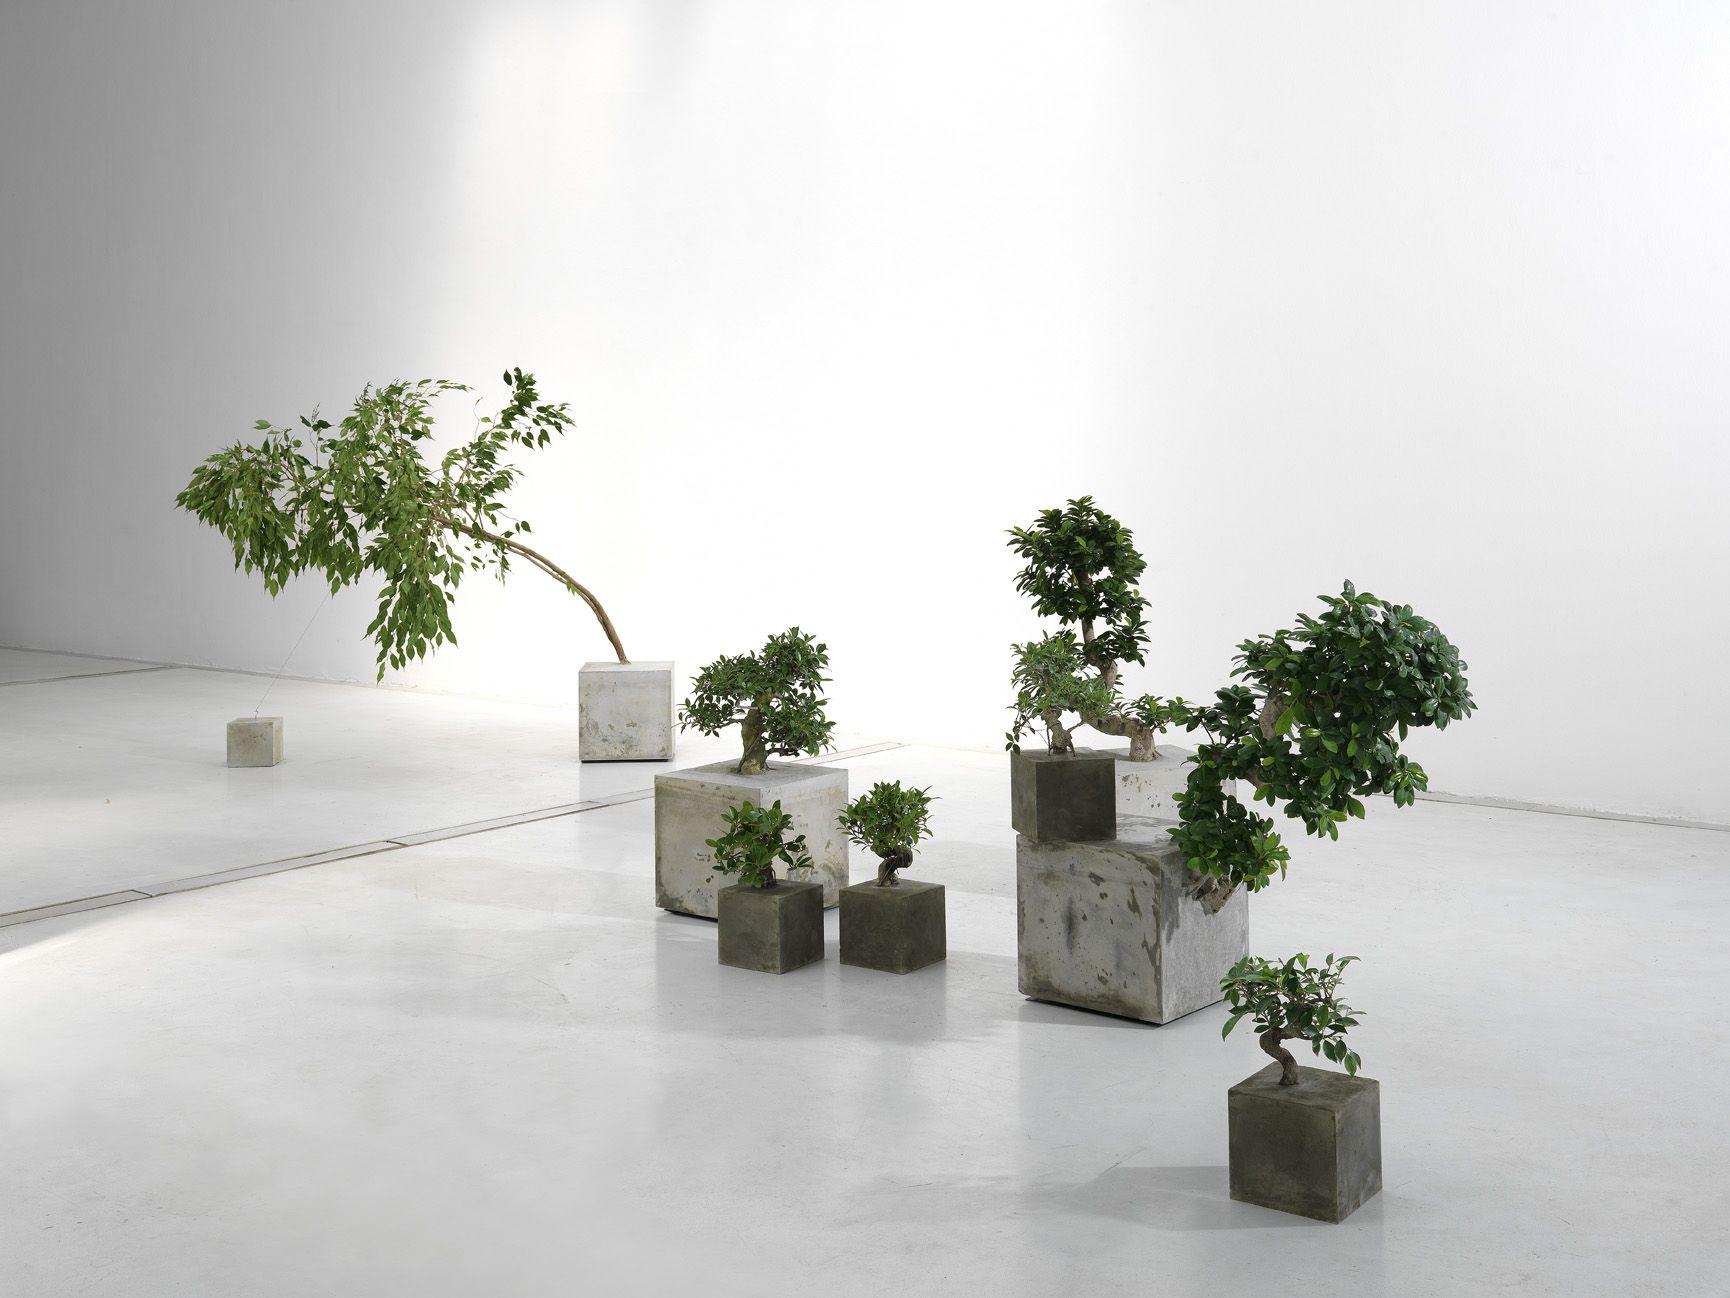 Andre Woodward, installation view, 2014. Courtesy Studio la Città e l'artista. Foto Michele Alberto Sereni.